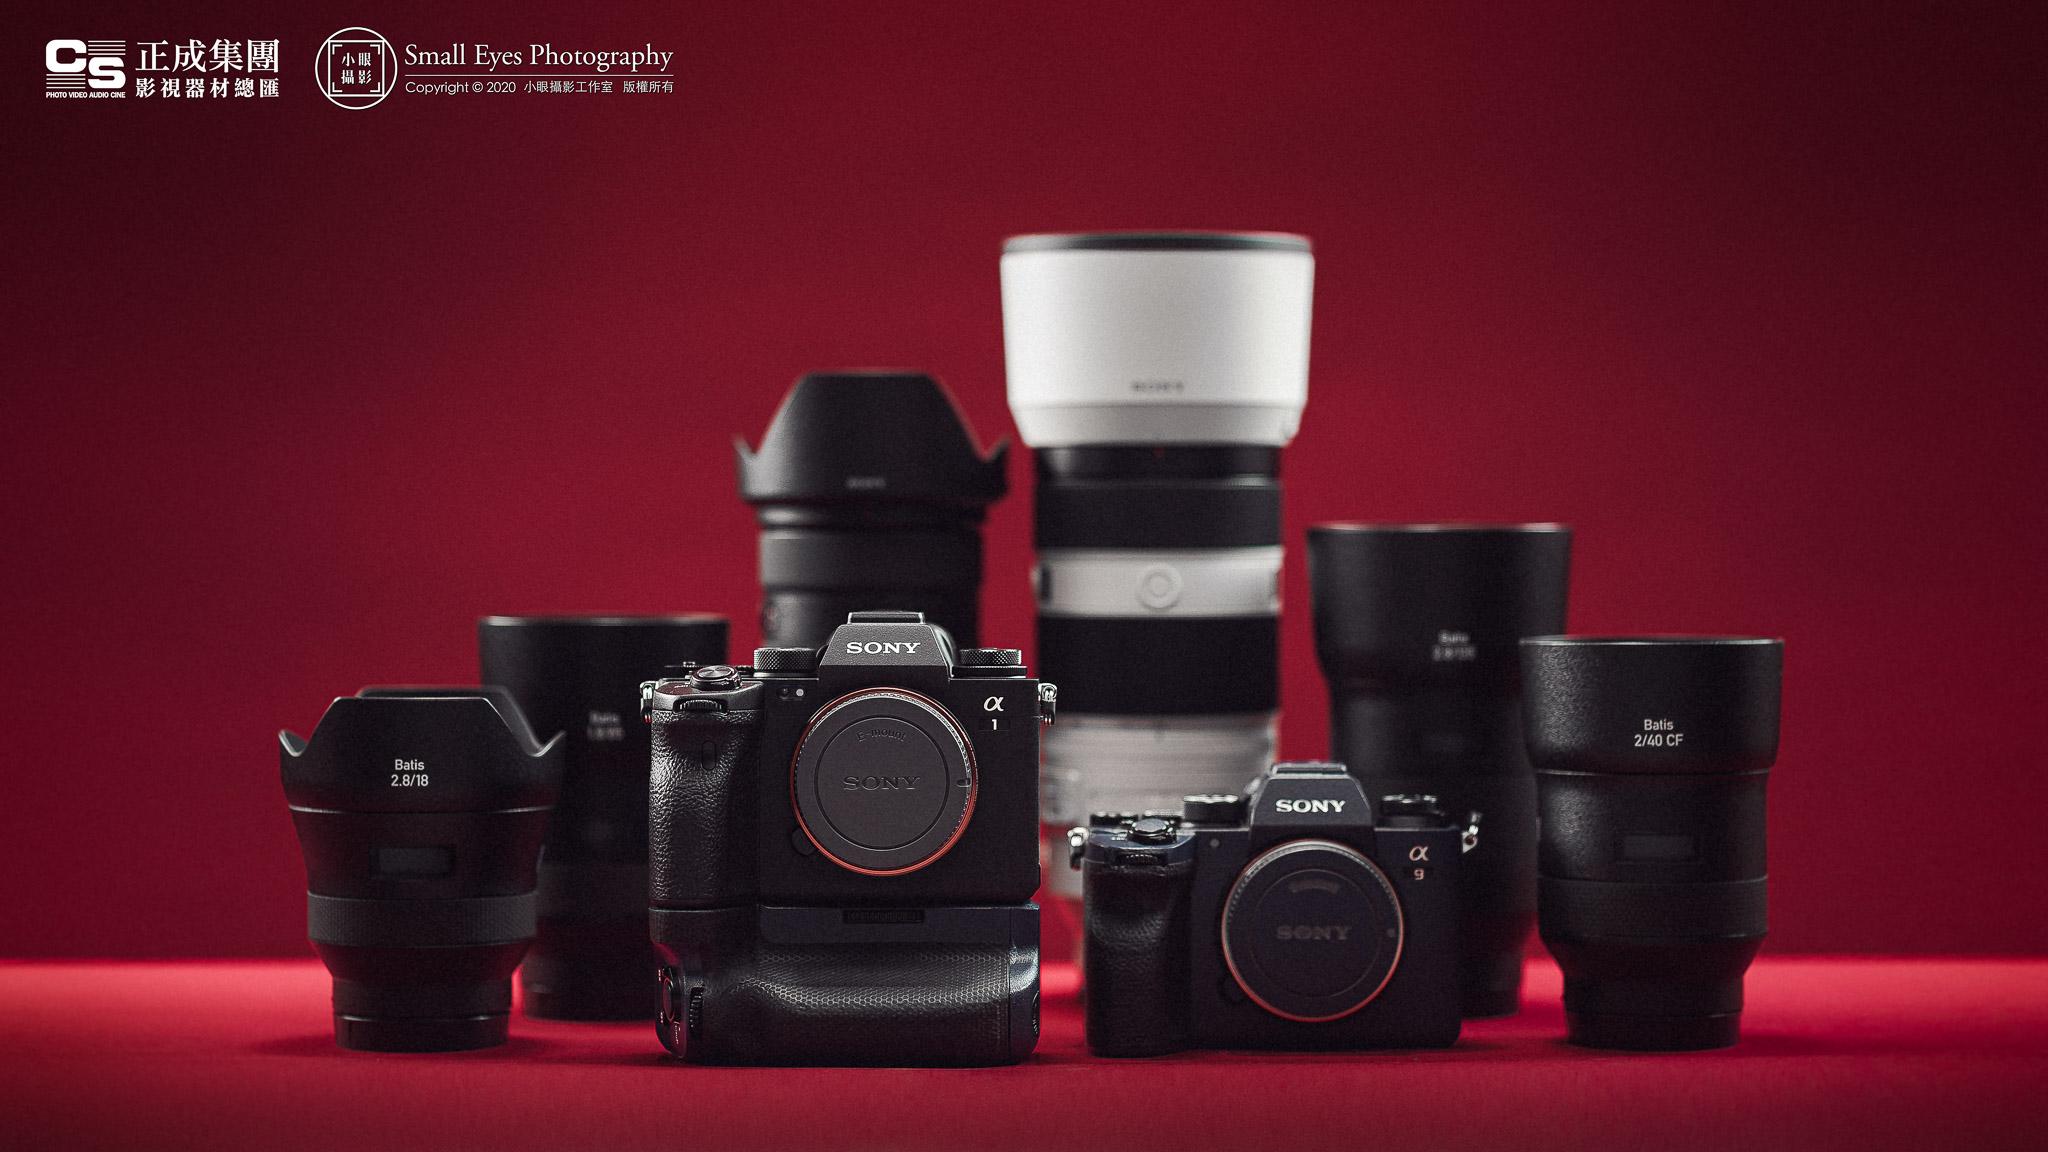 商業拍攝,蔡司,專業形象,傅祐承,2021,正成集團,zeiss,Batis,正成貿易,品牌代言人,zeiss,BLOG,Sony,A1